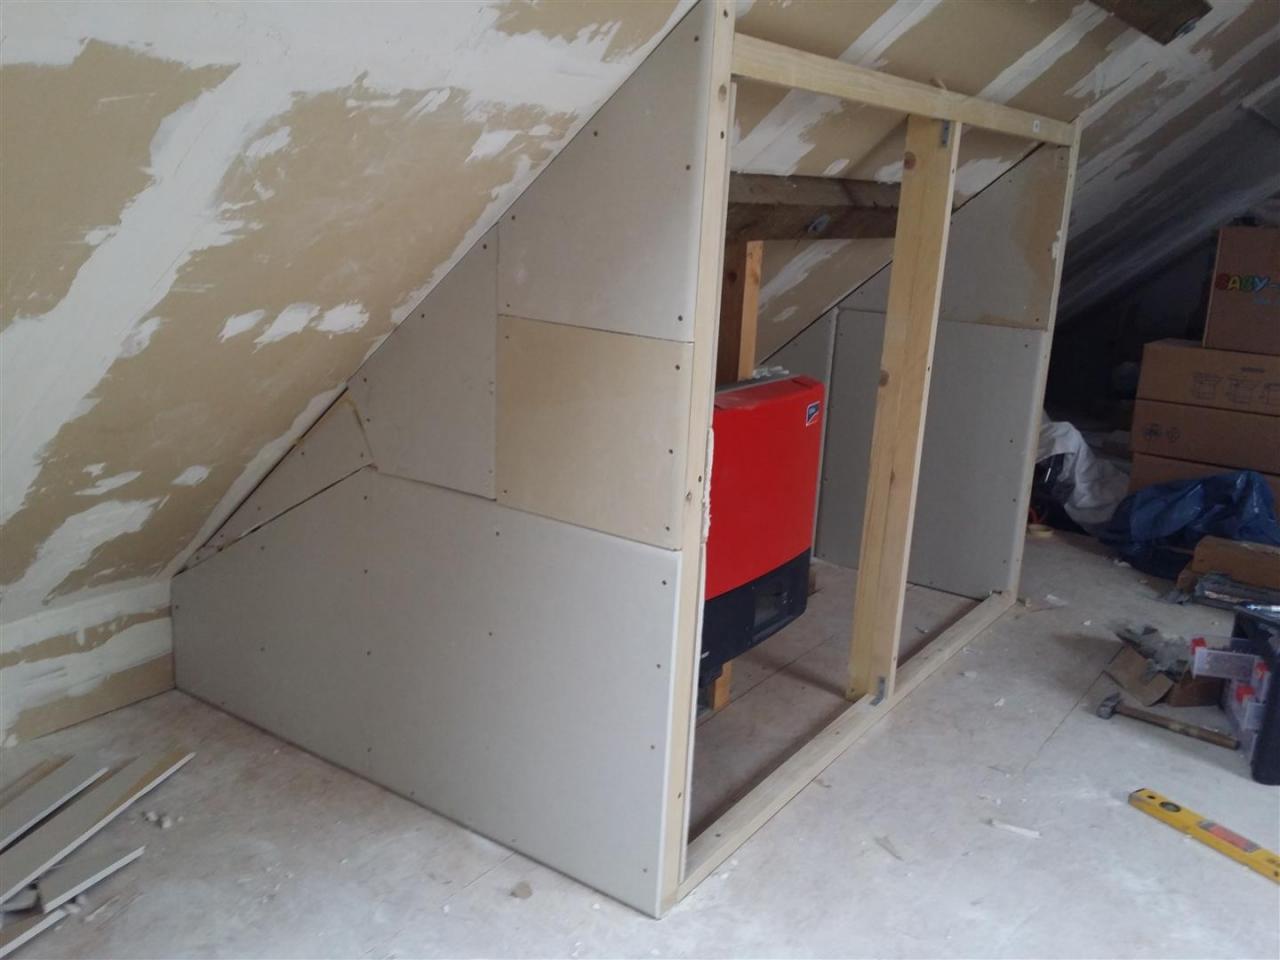 auf dem dachboden eine trockenbau wand/schrank errichten